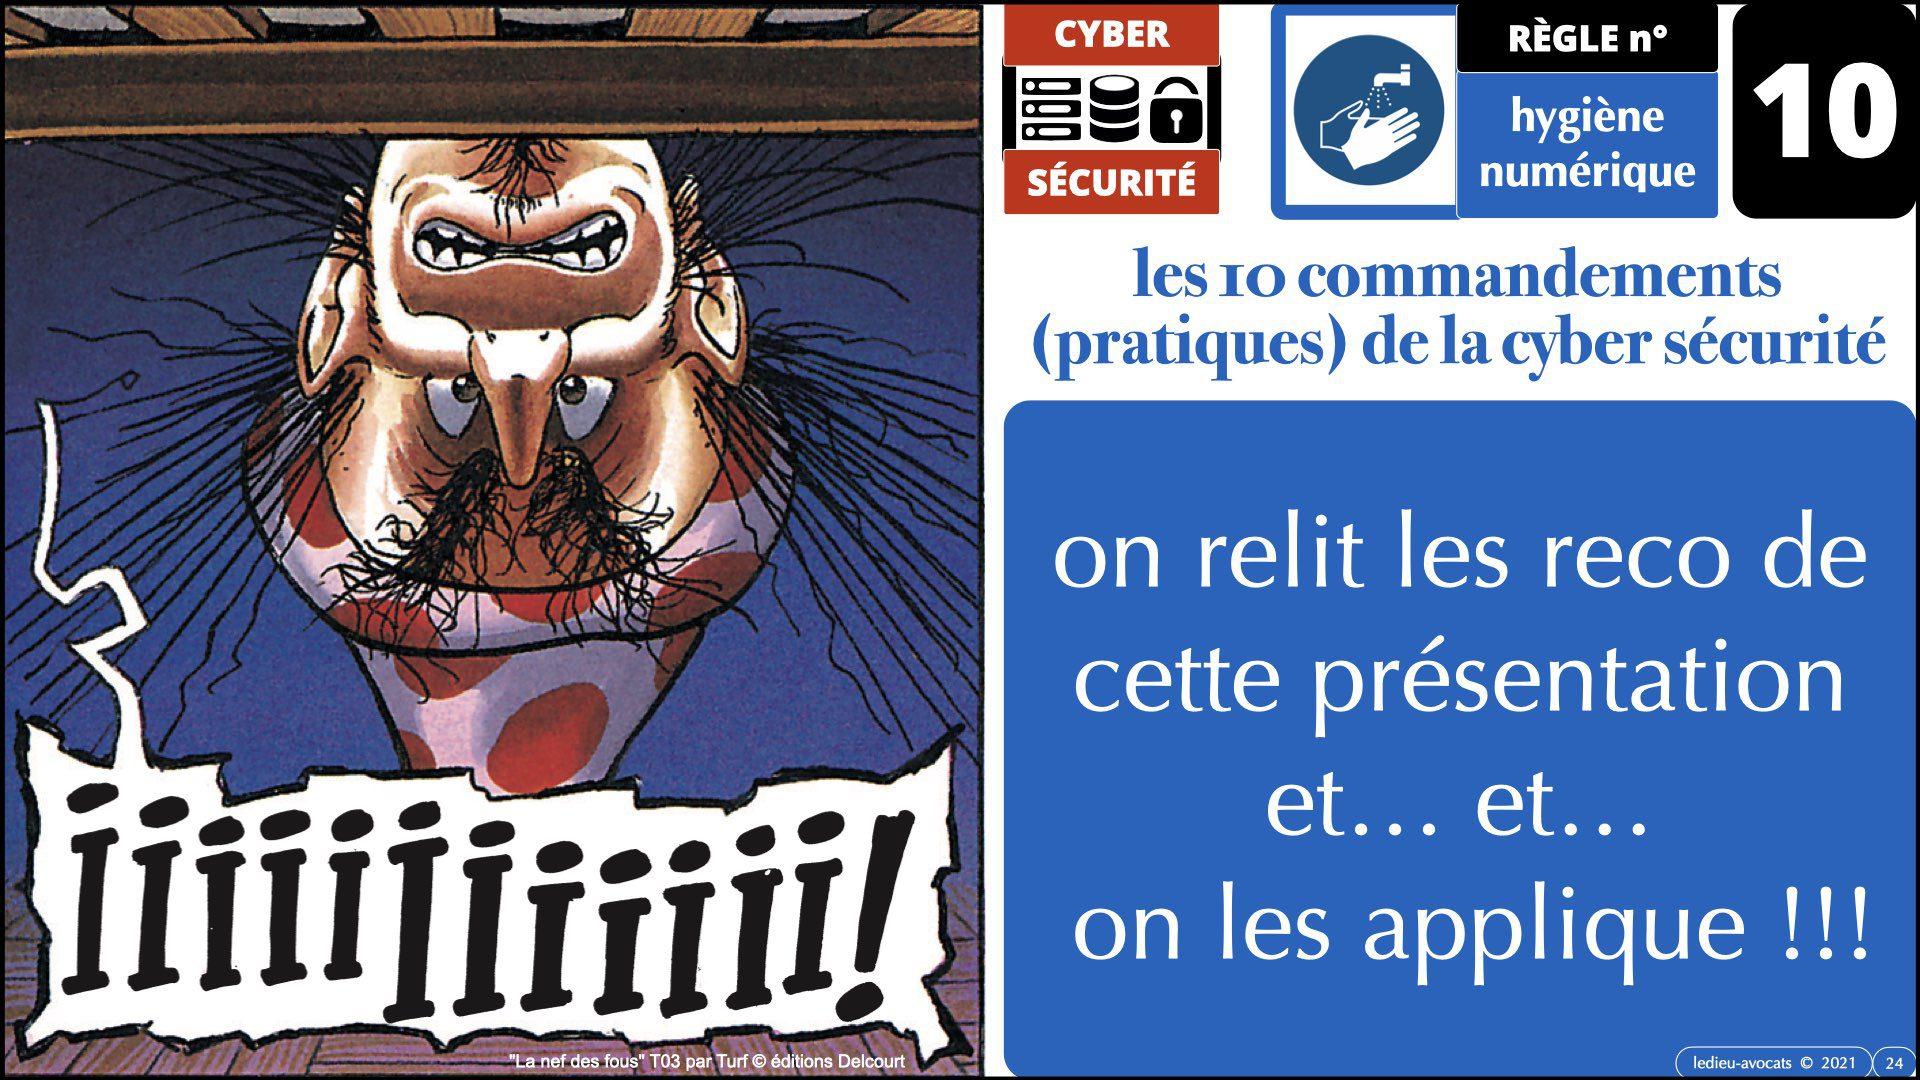 345 10 commandements hygiène numérique © Ledieu-Avocats technique droit numérique 07-09-2021.024